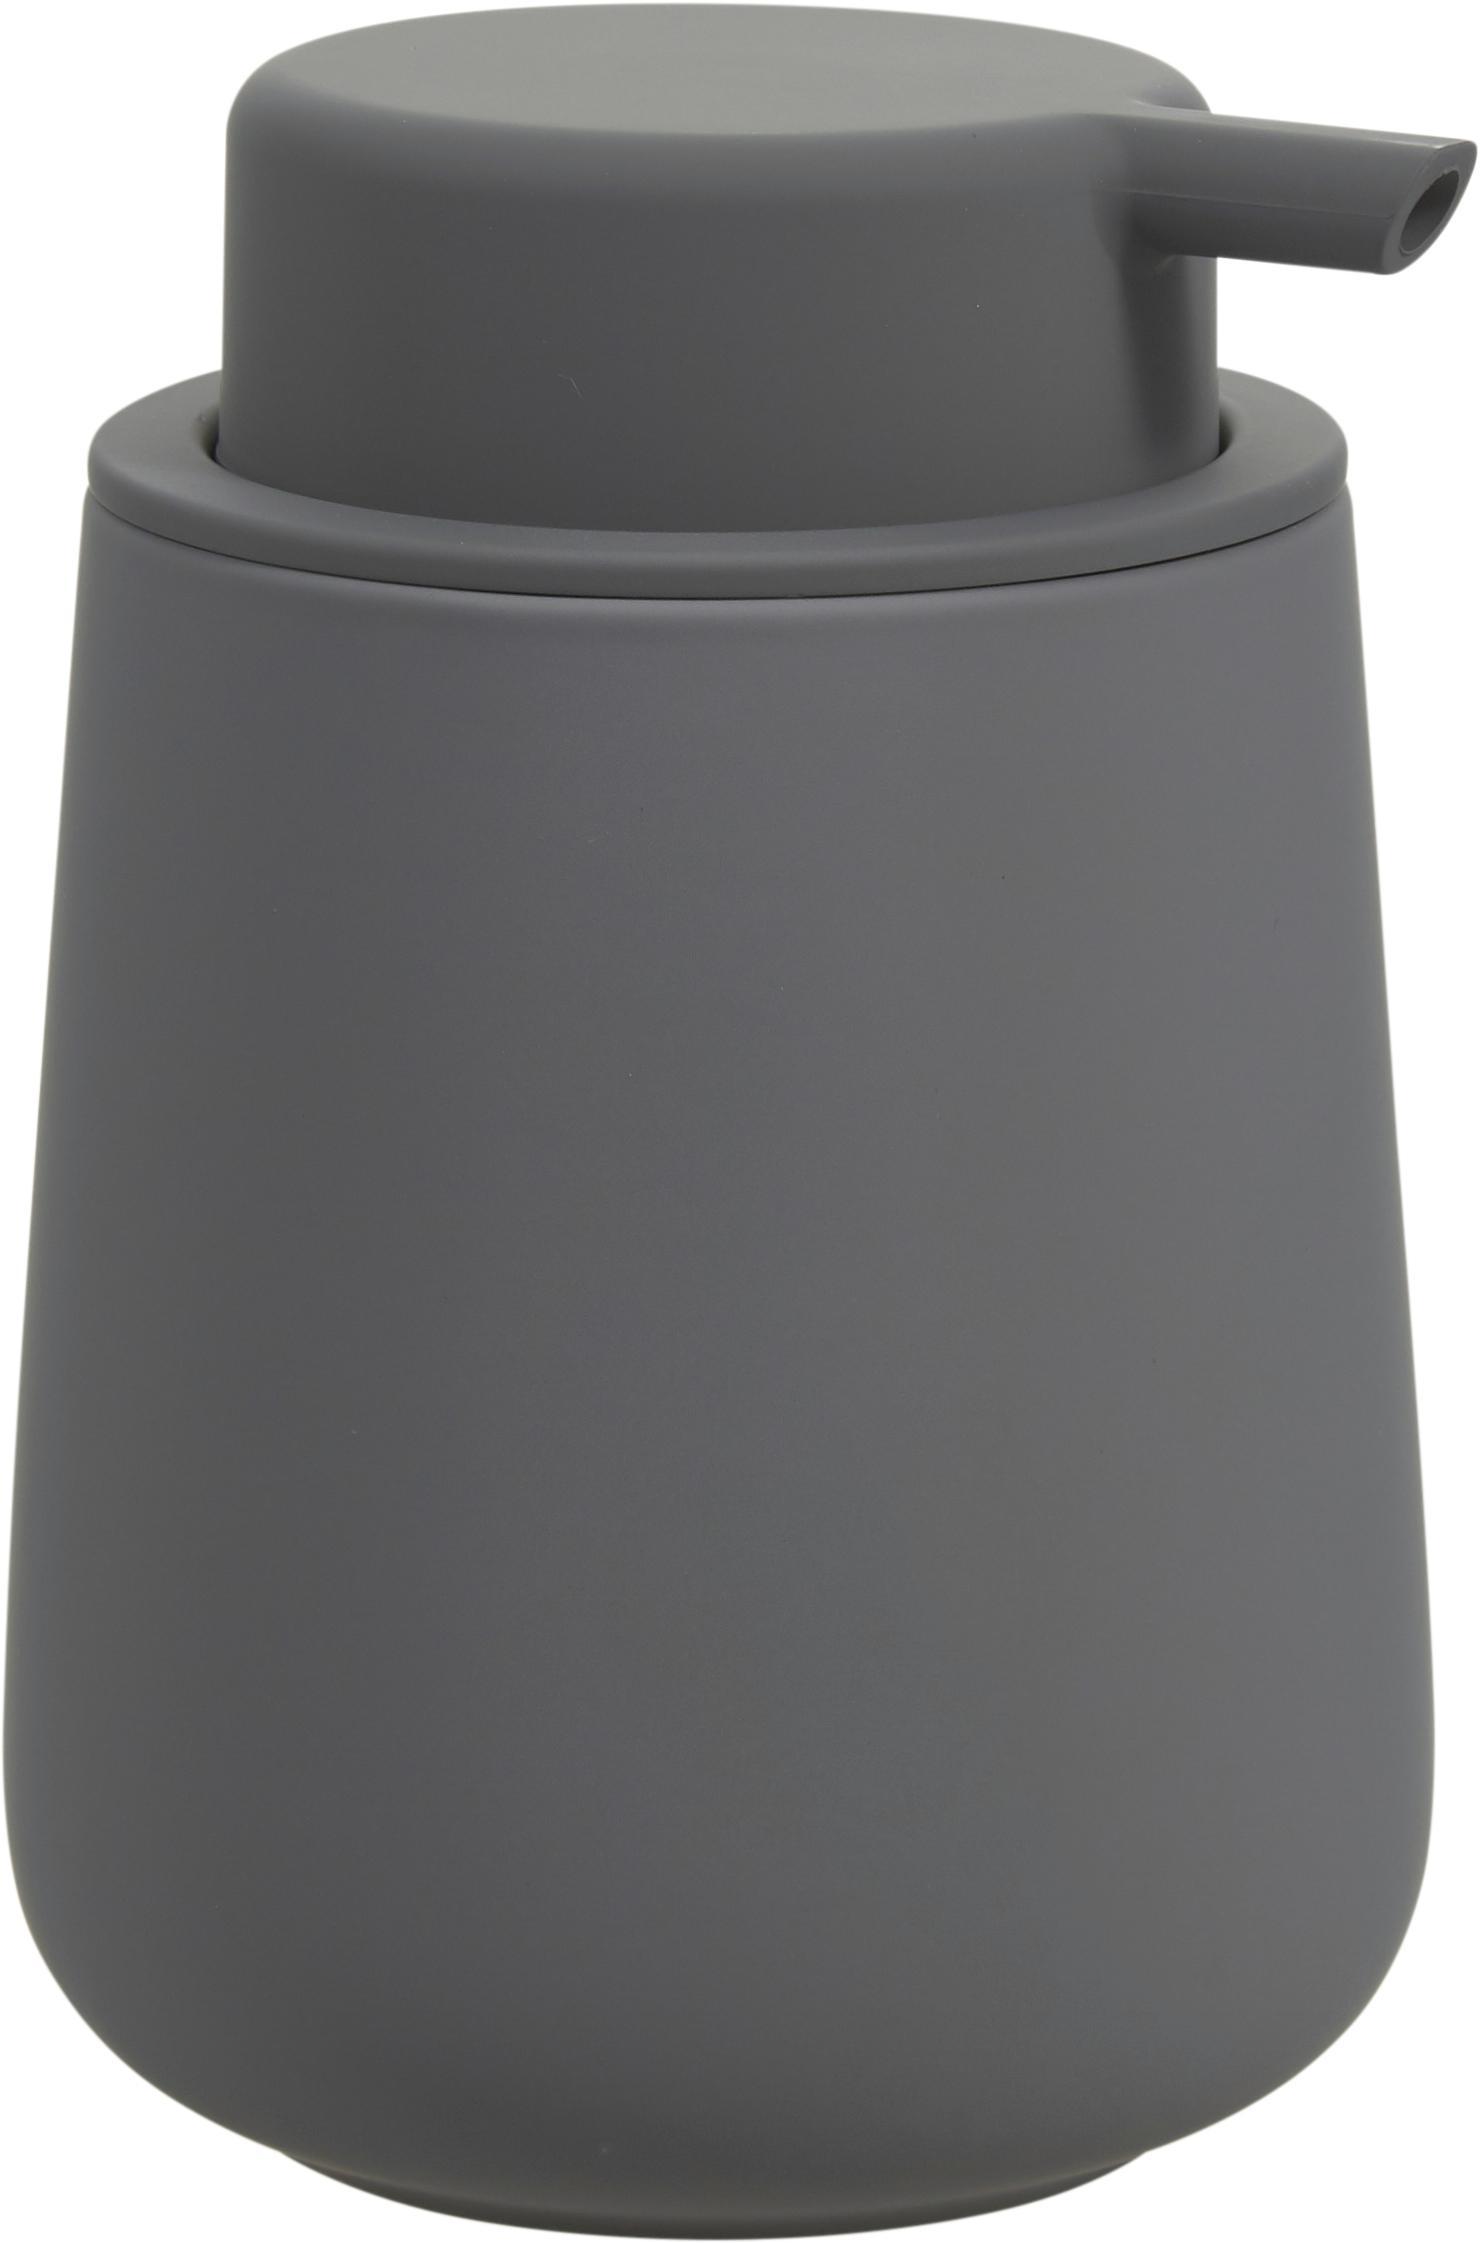 Dozownik do mydła z porcelany Nova One, Szary, matowy, Ø 8 x 12 cm